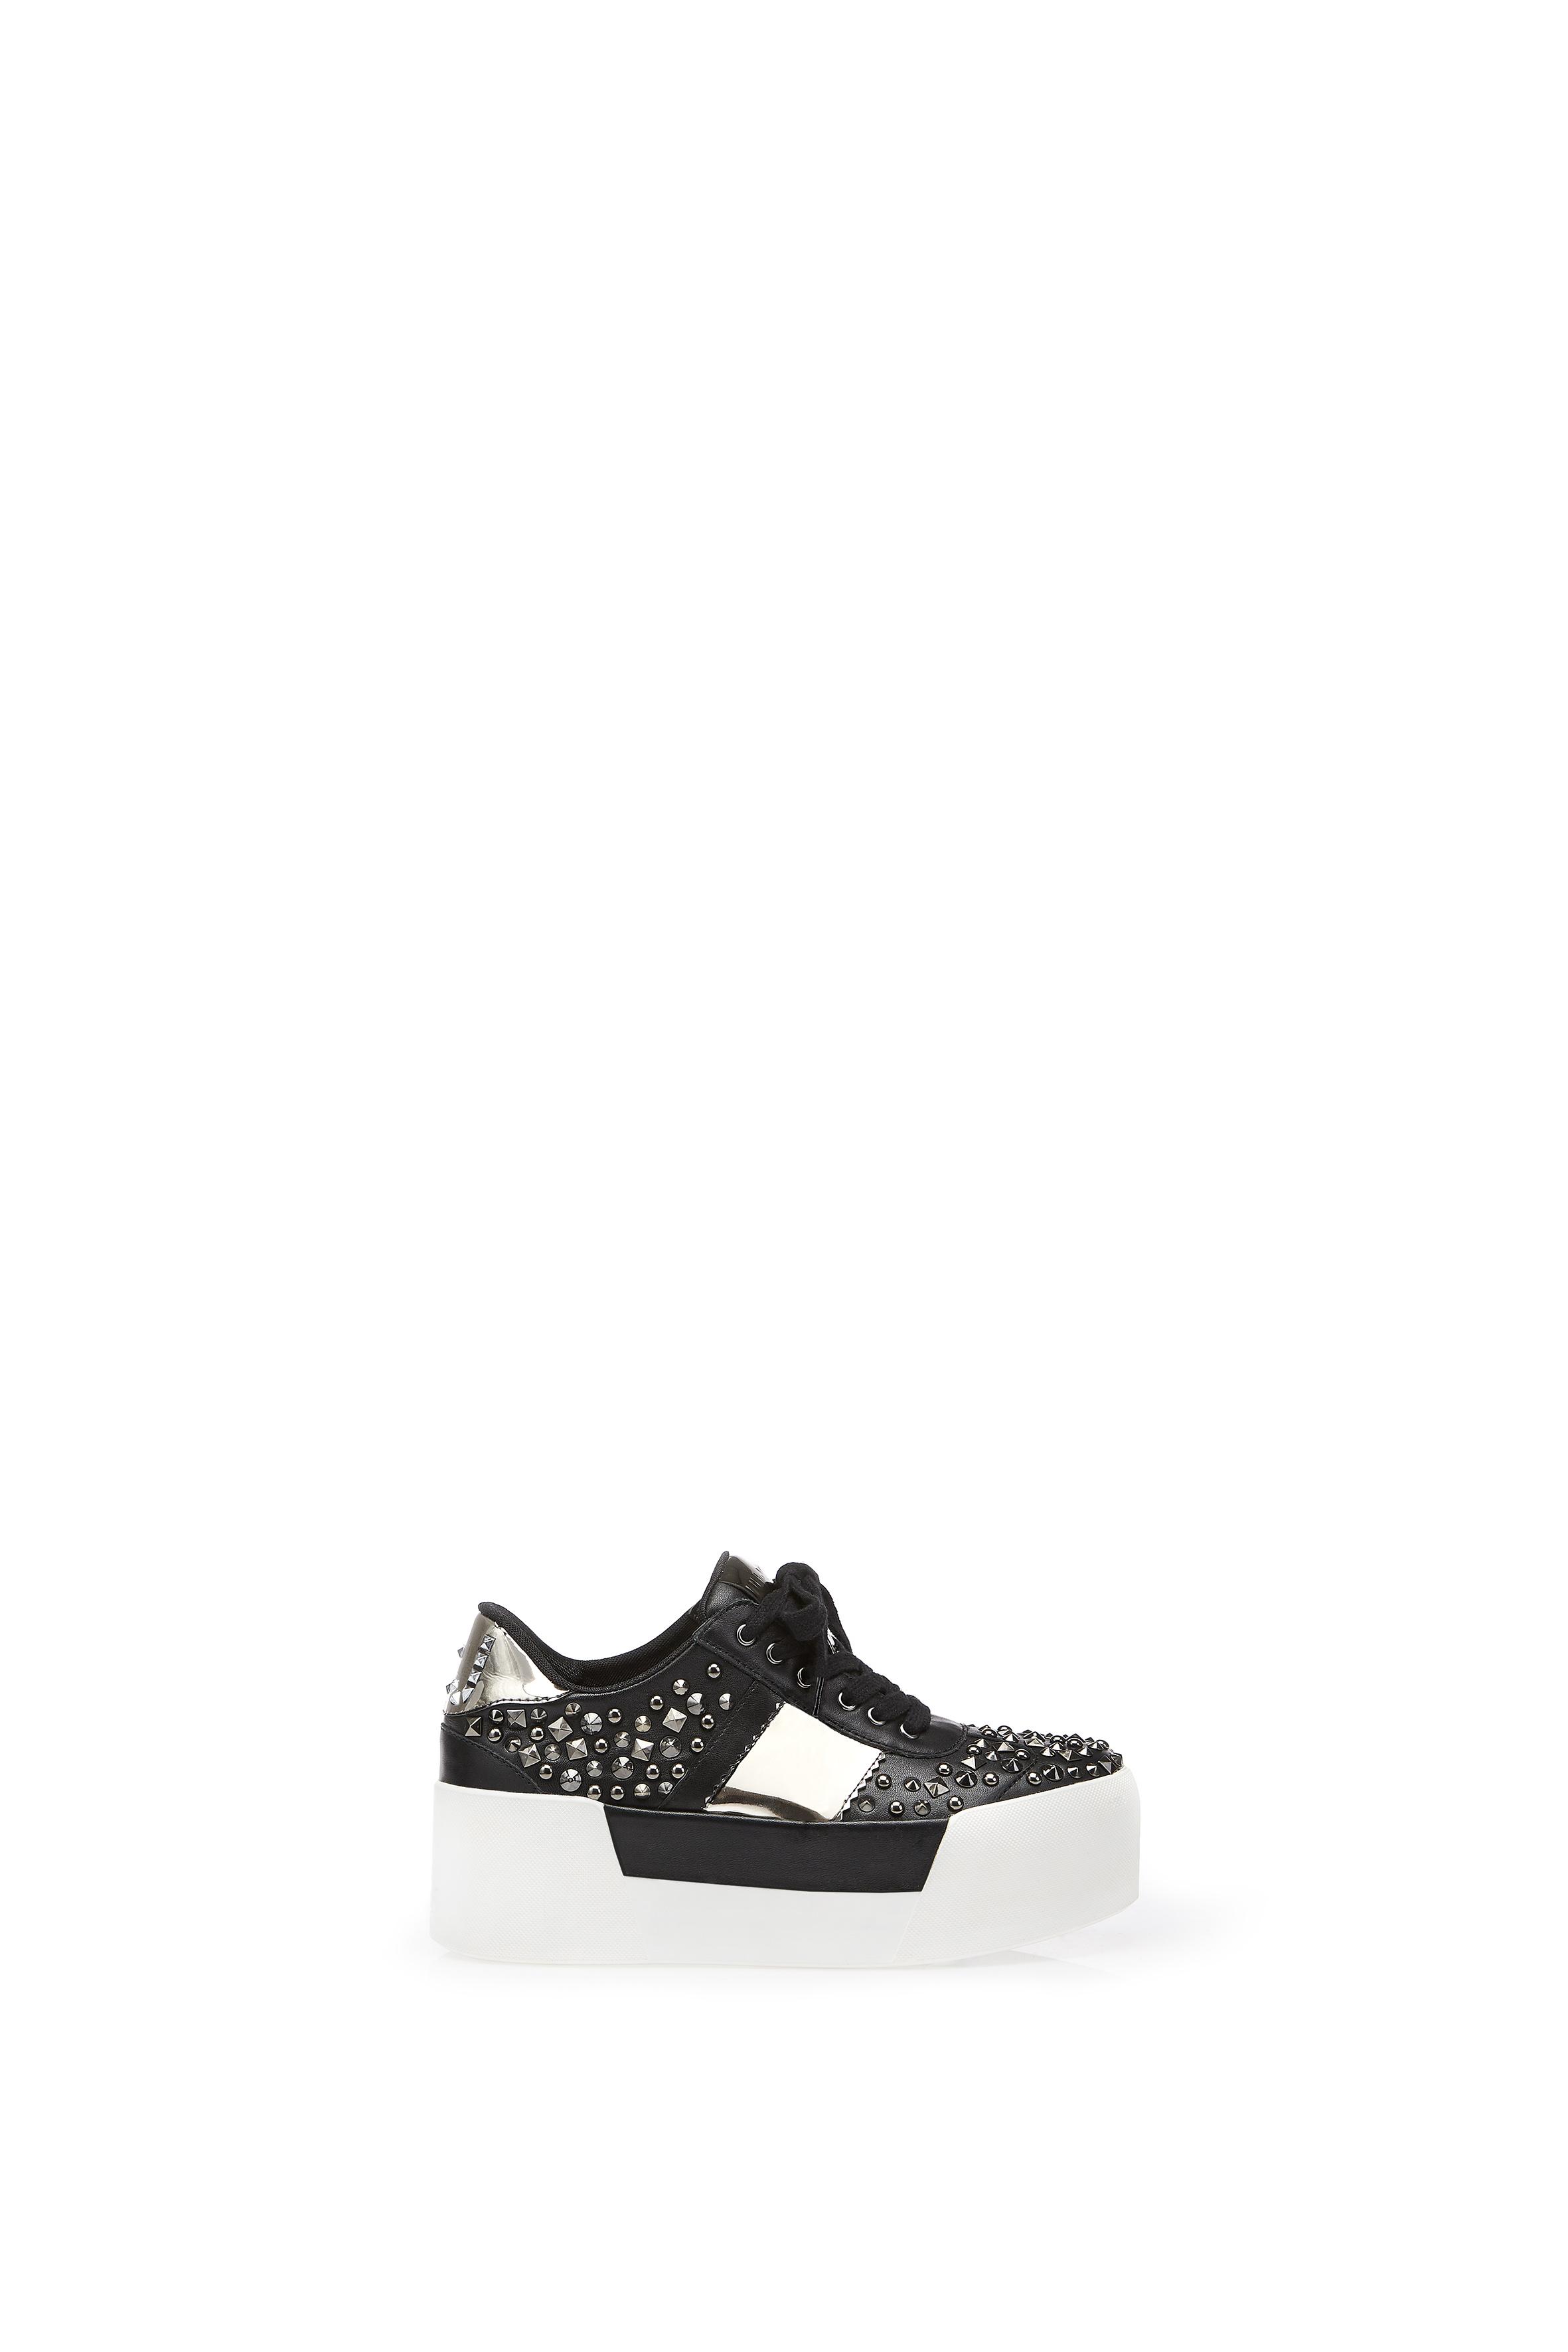 Miejski styl - kolekcja butów Liu Jo jesień-zima 2018 19 1d8e4a75993